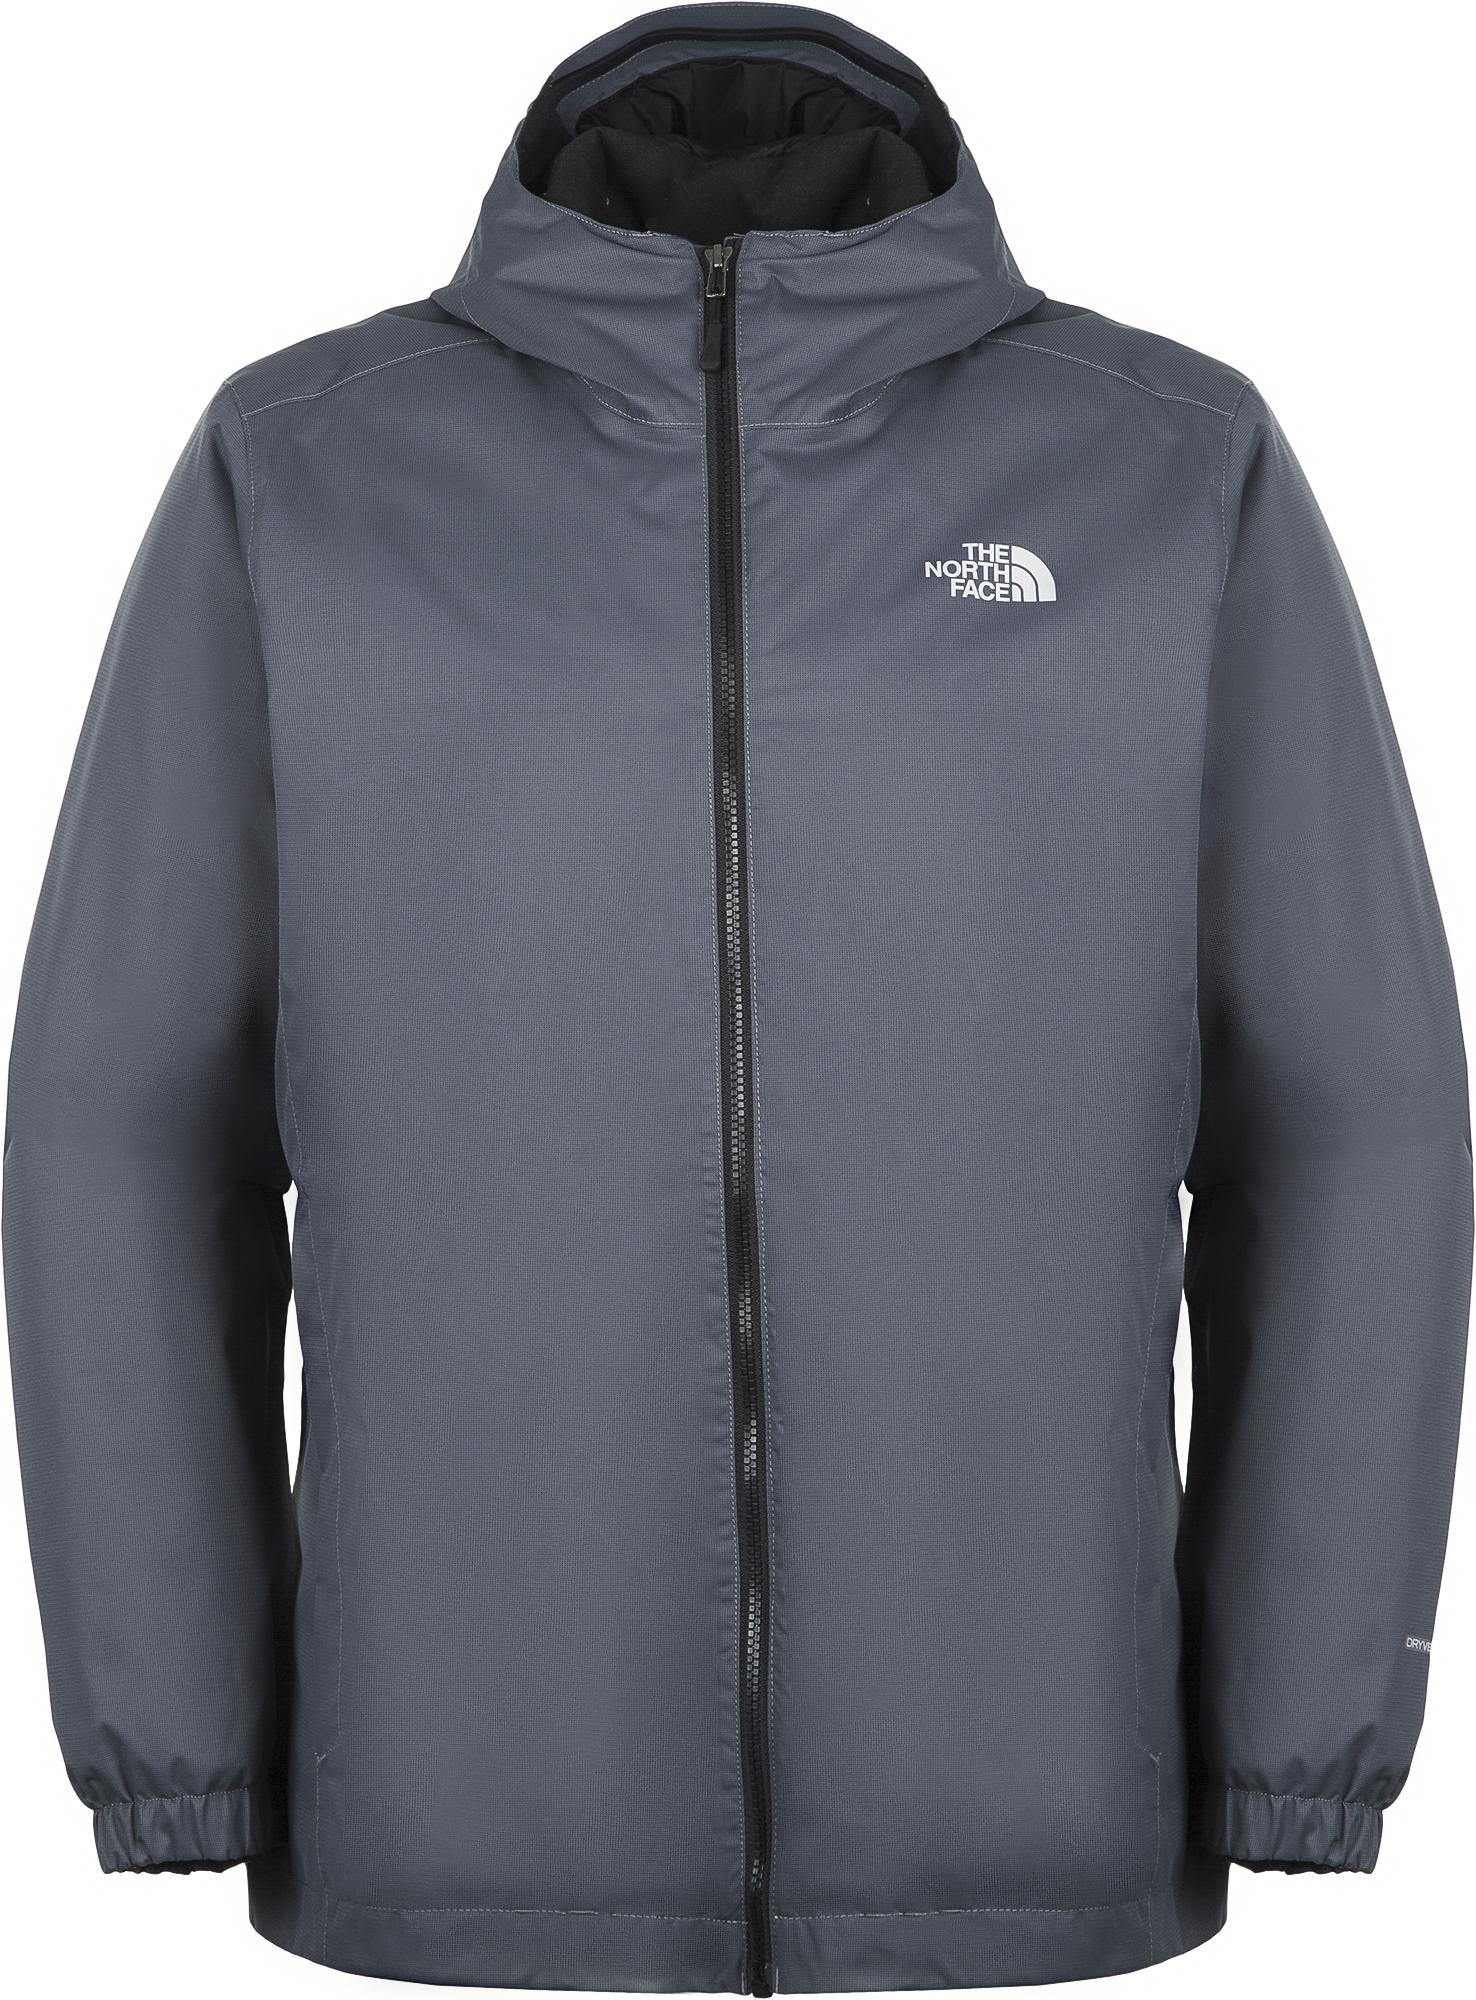 The North Face Куртка утепленная мужская Quest, размер 50